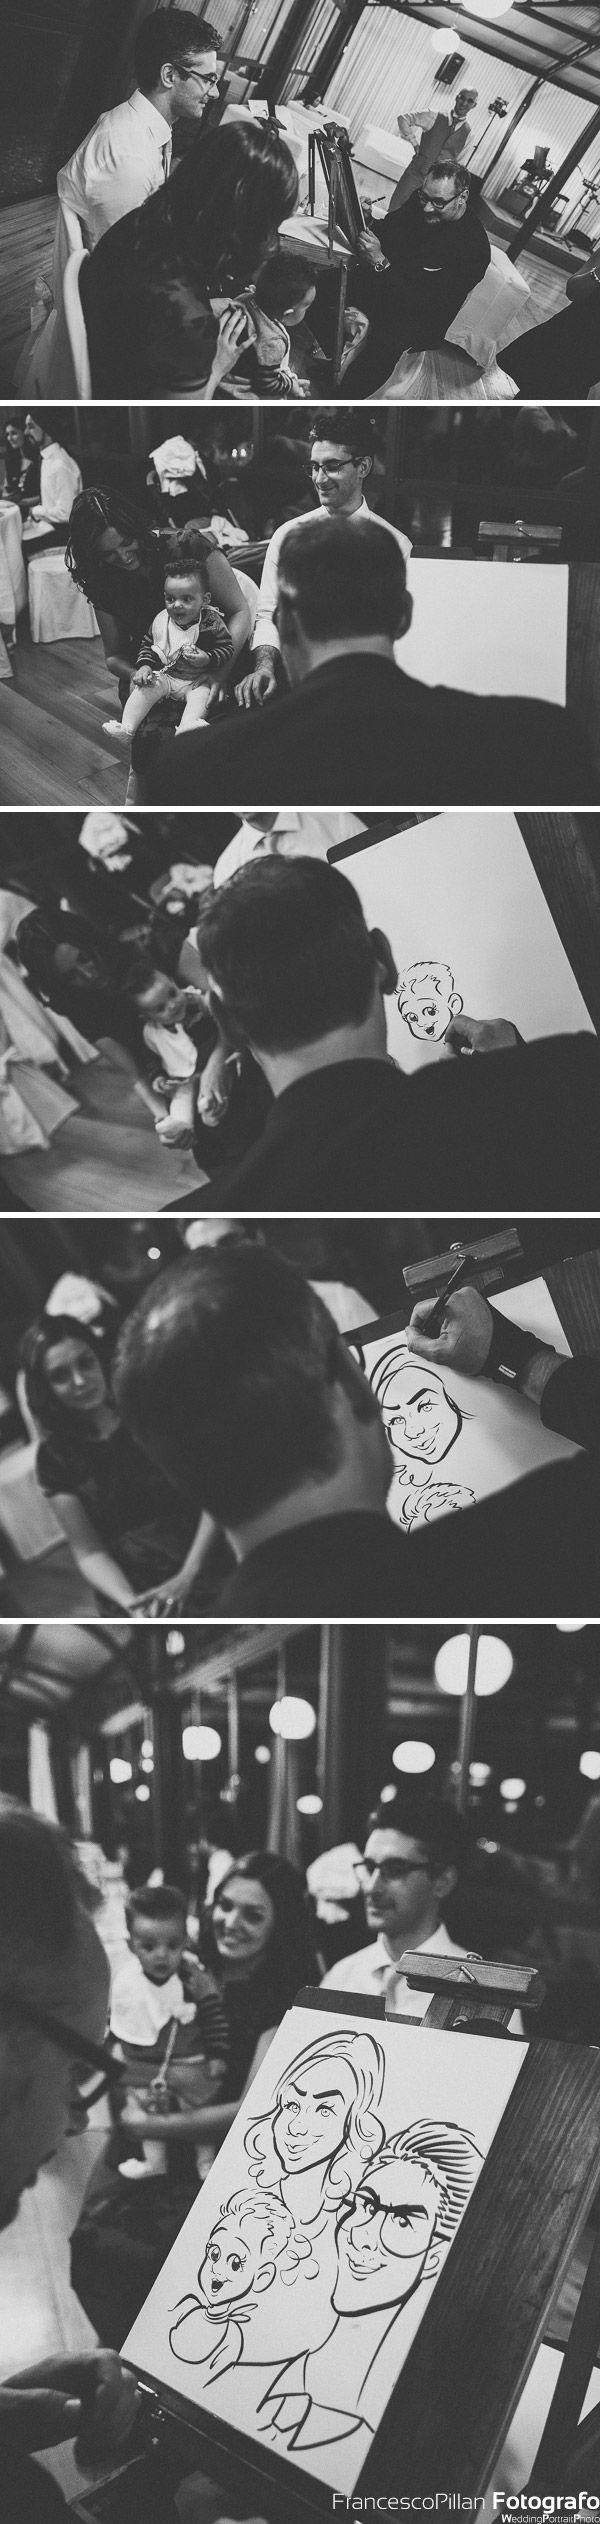 federico cecchin caricaturista matrimonio casa gobbato allieta la serata con le sue caricature